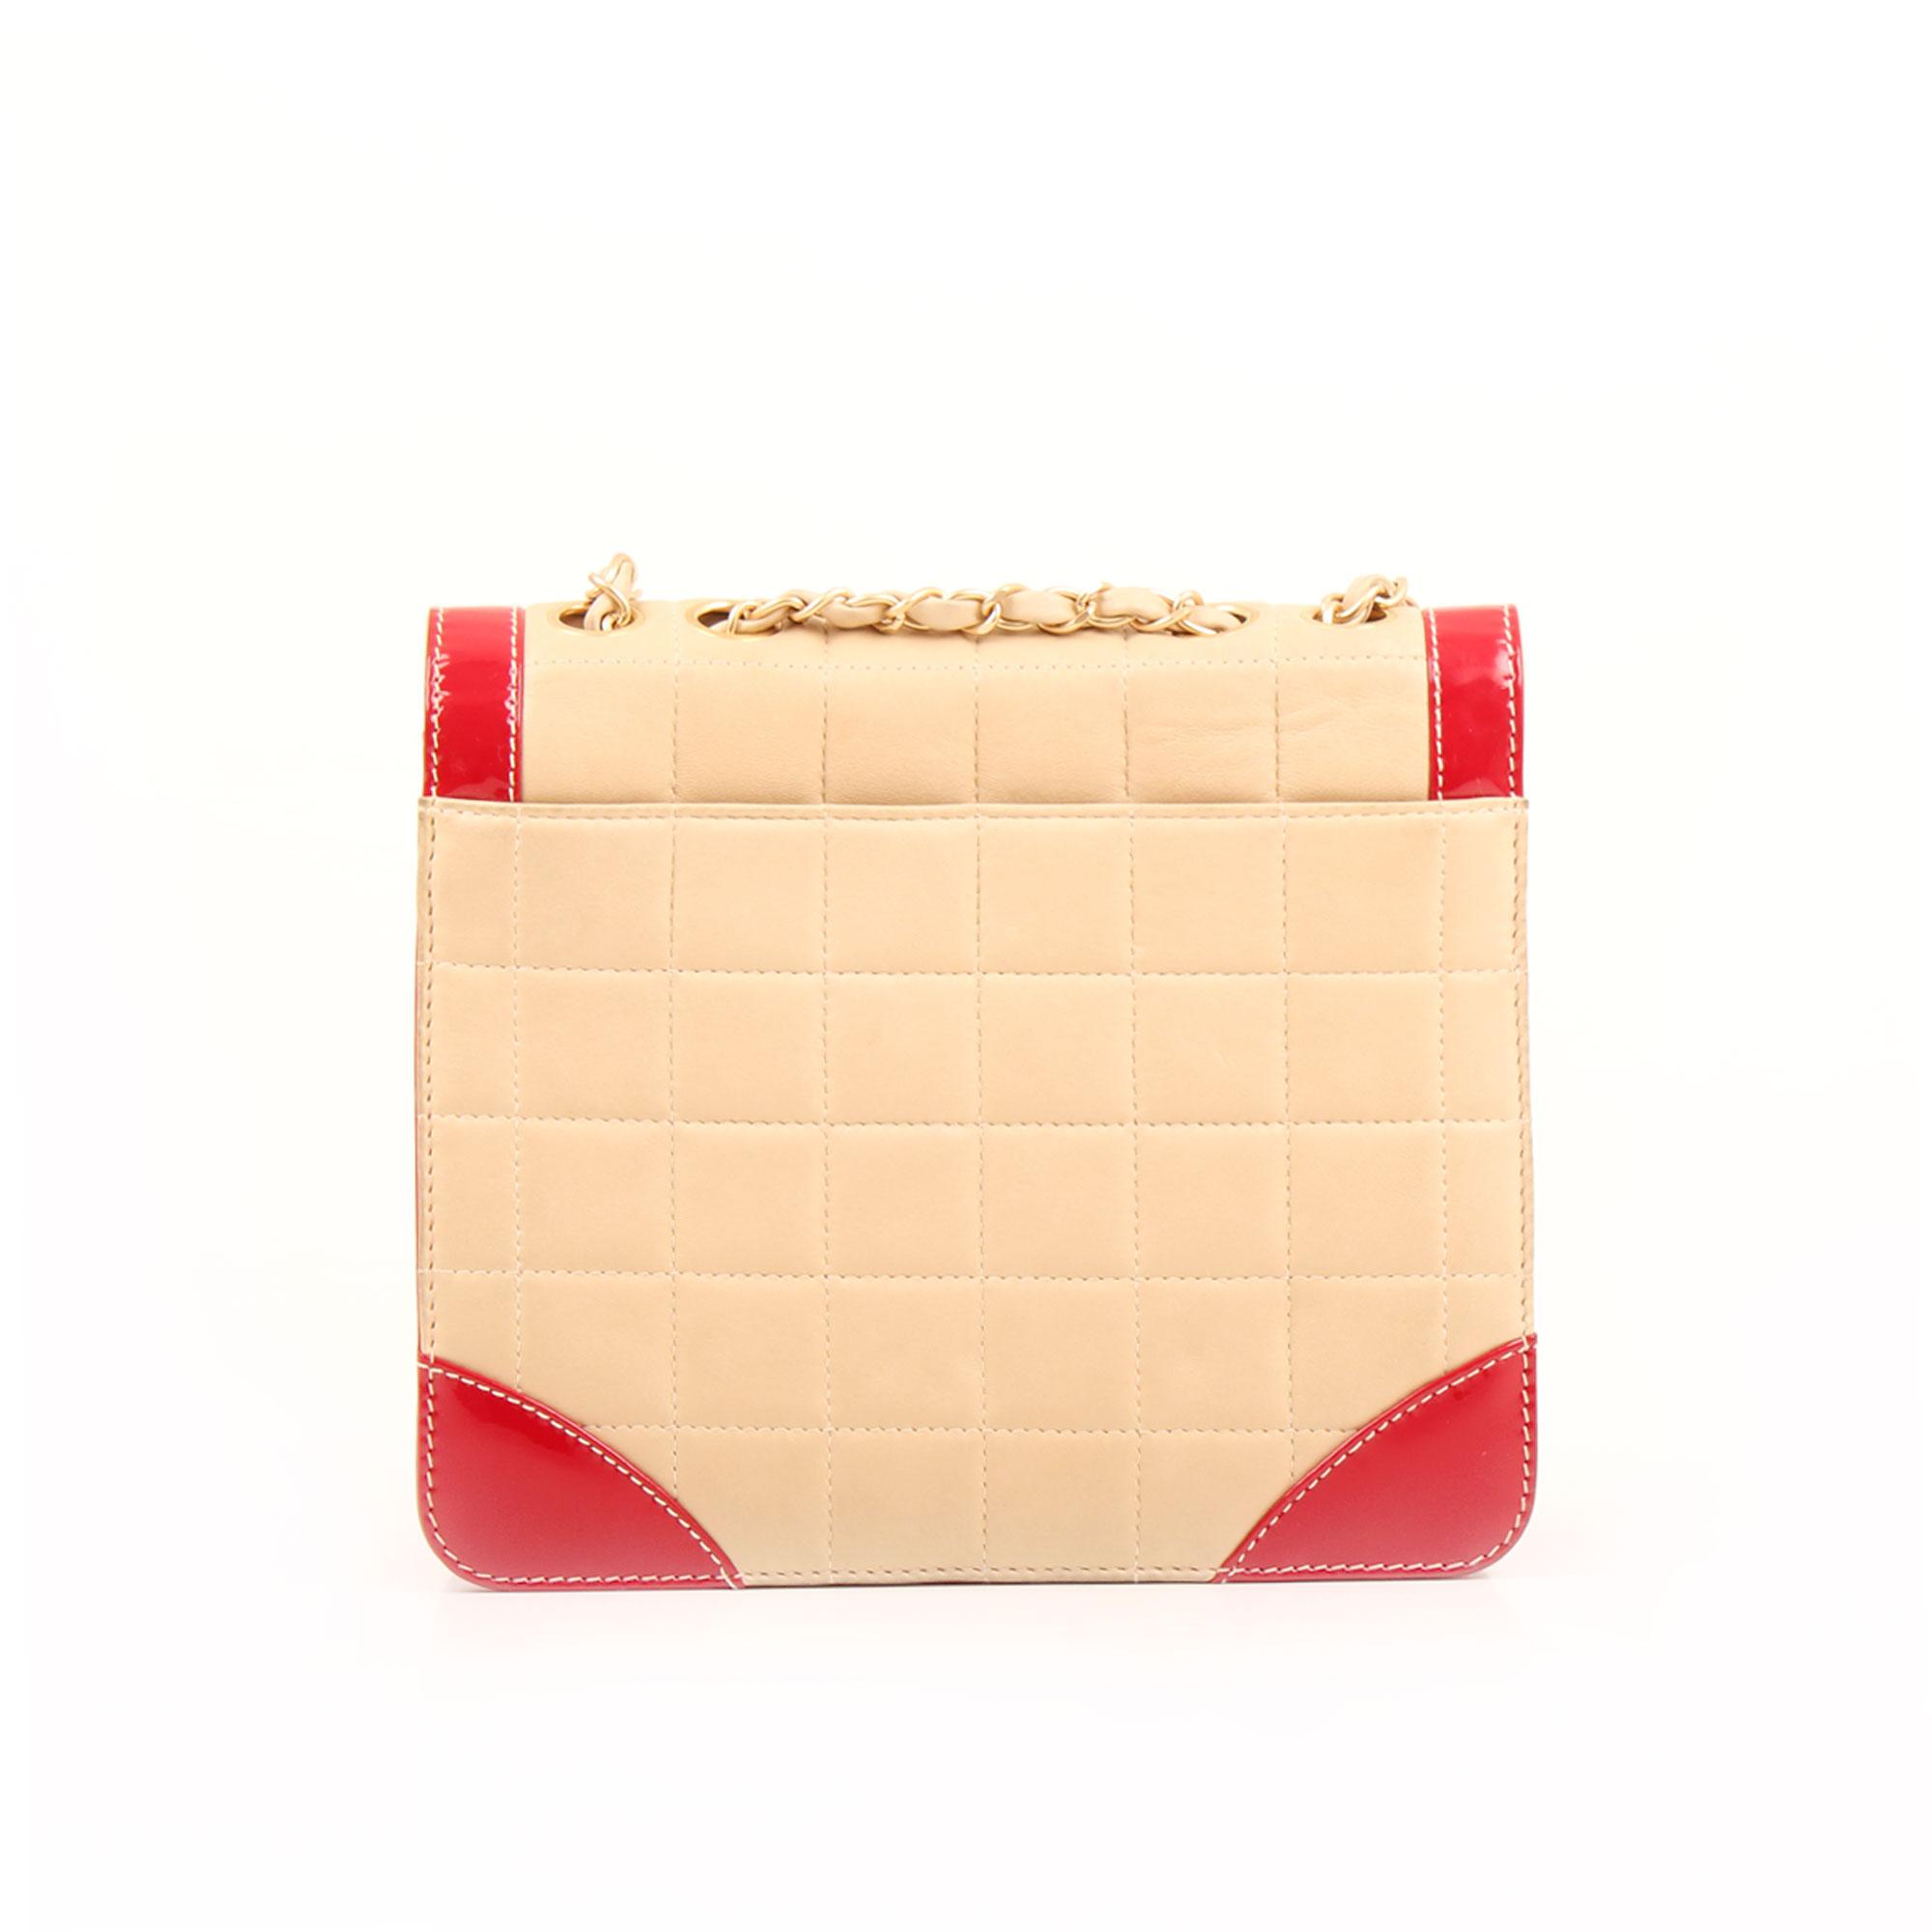 Imagen trasera del bolso chanel bicolor choco bar solapa unica